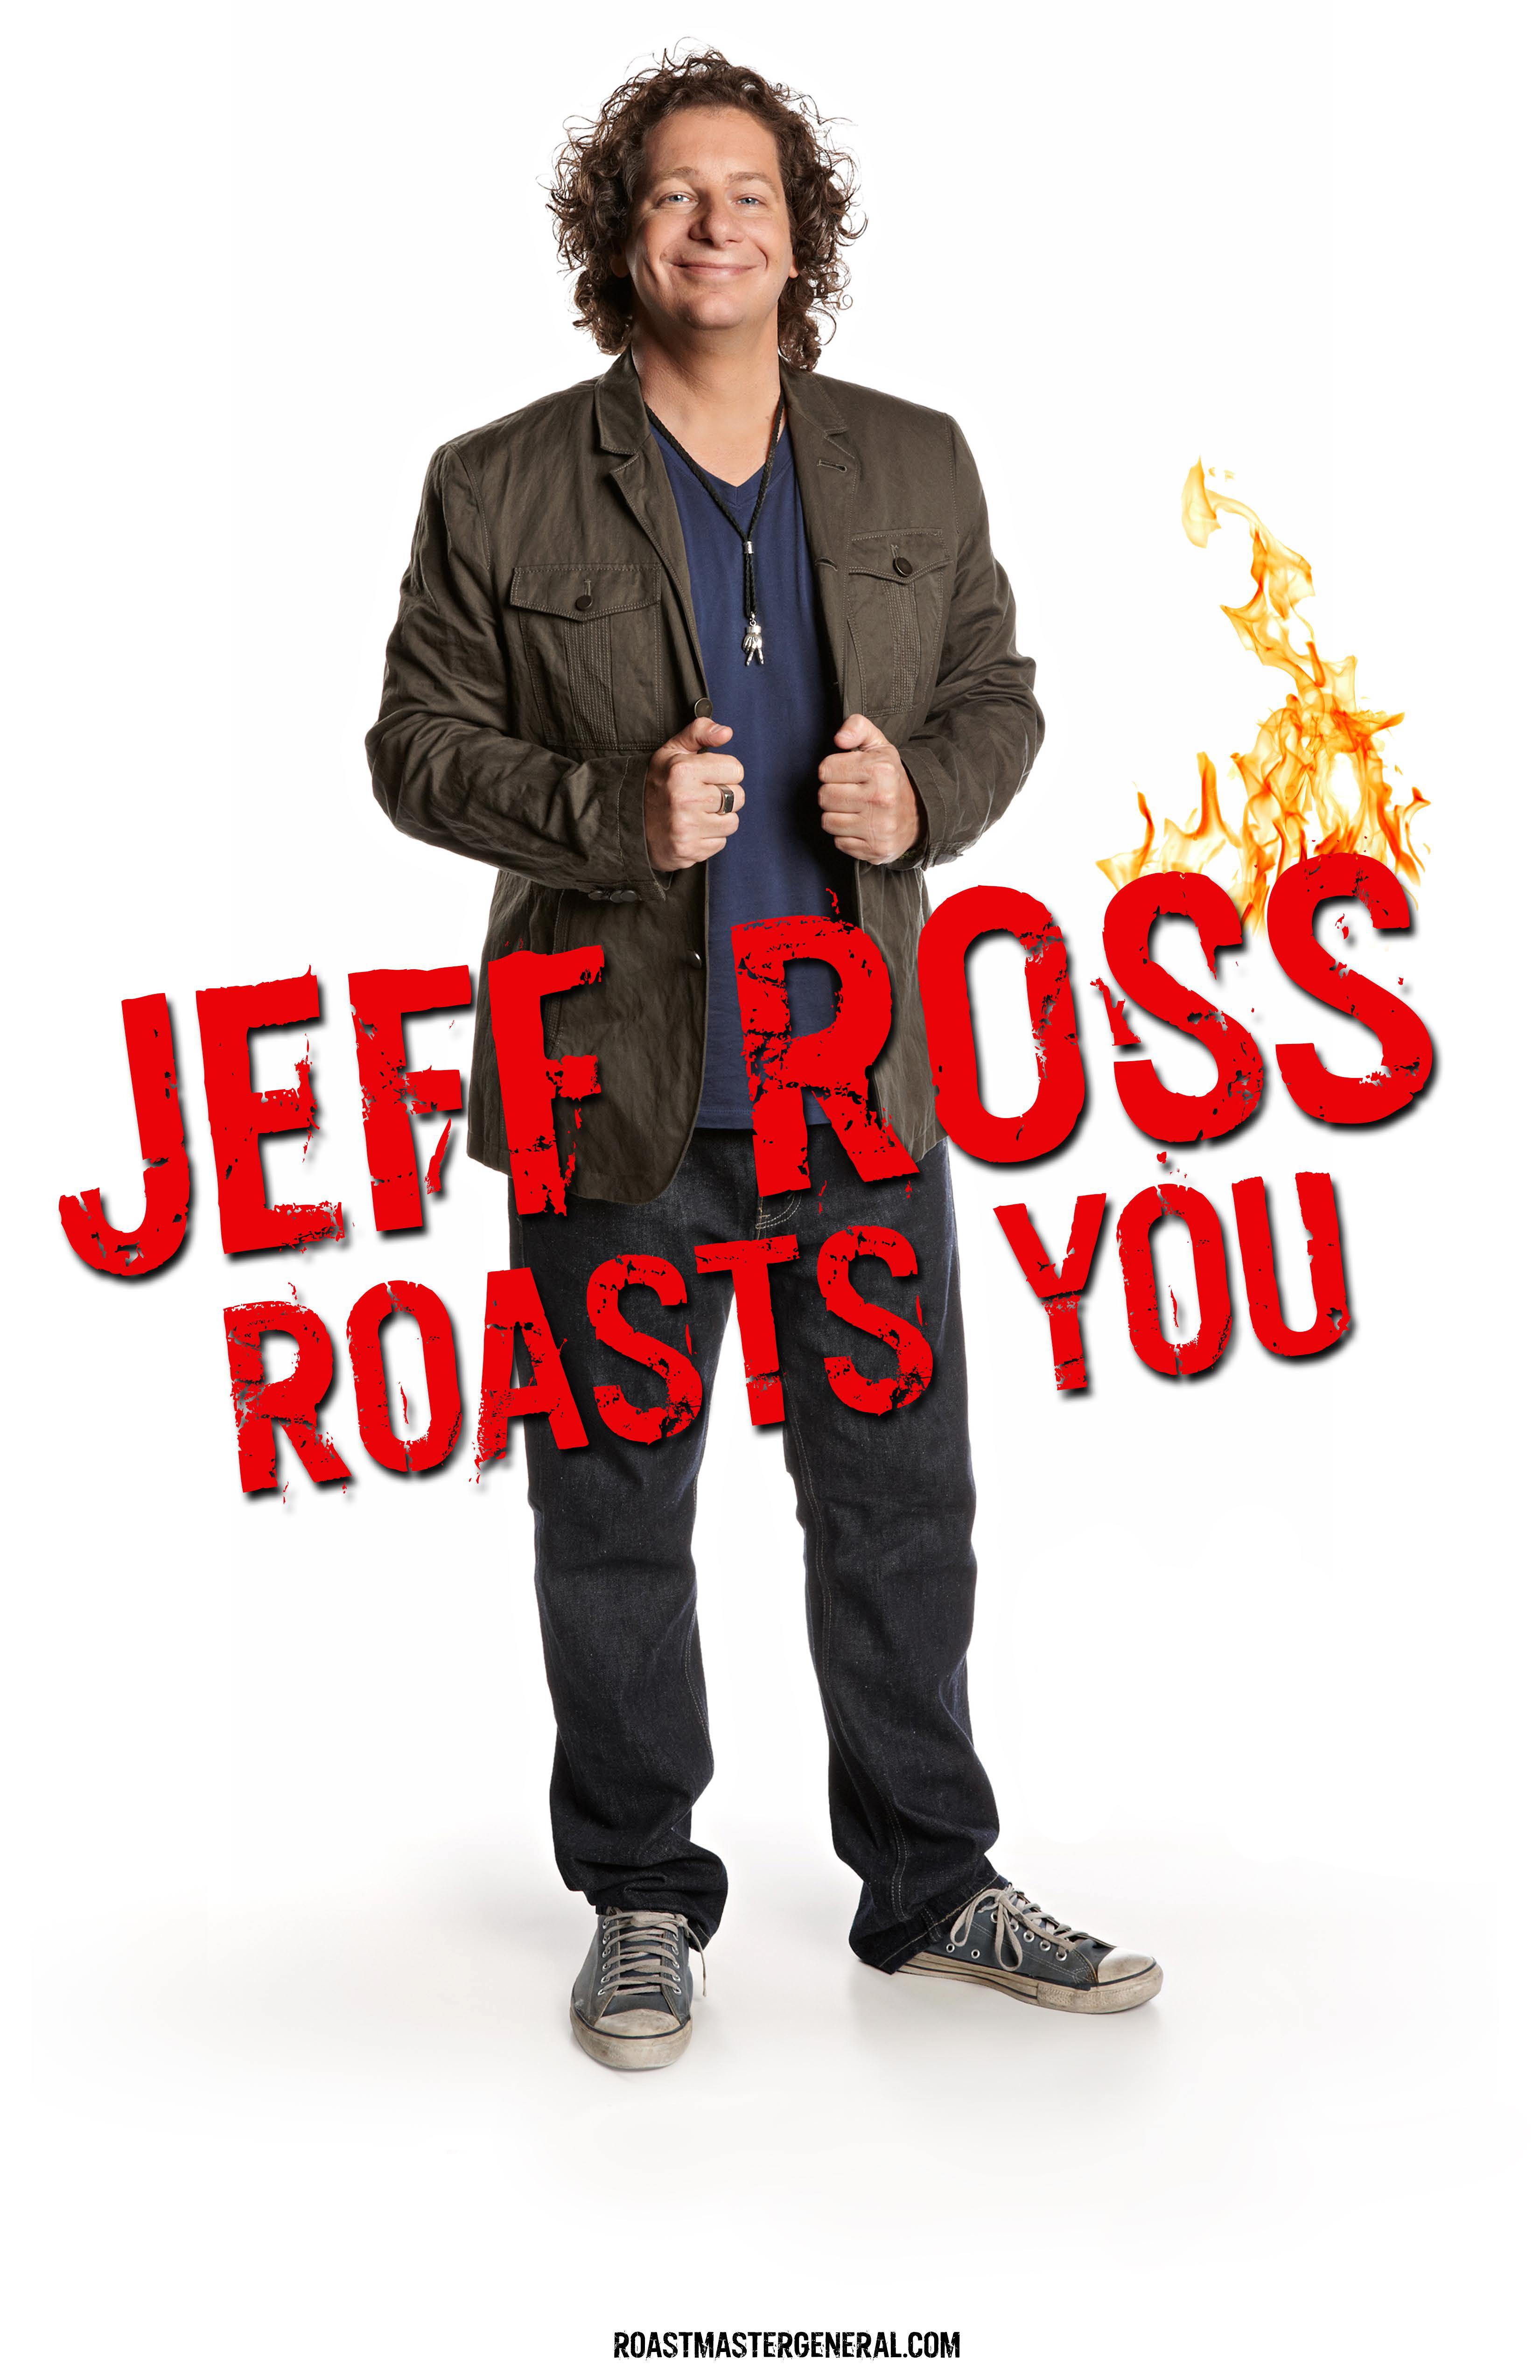 JeffRoss